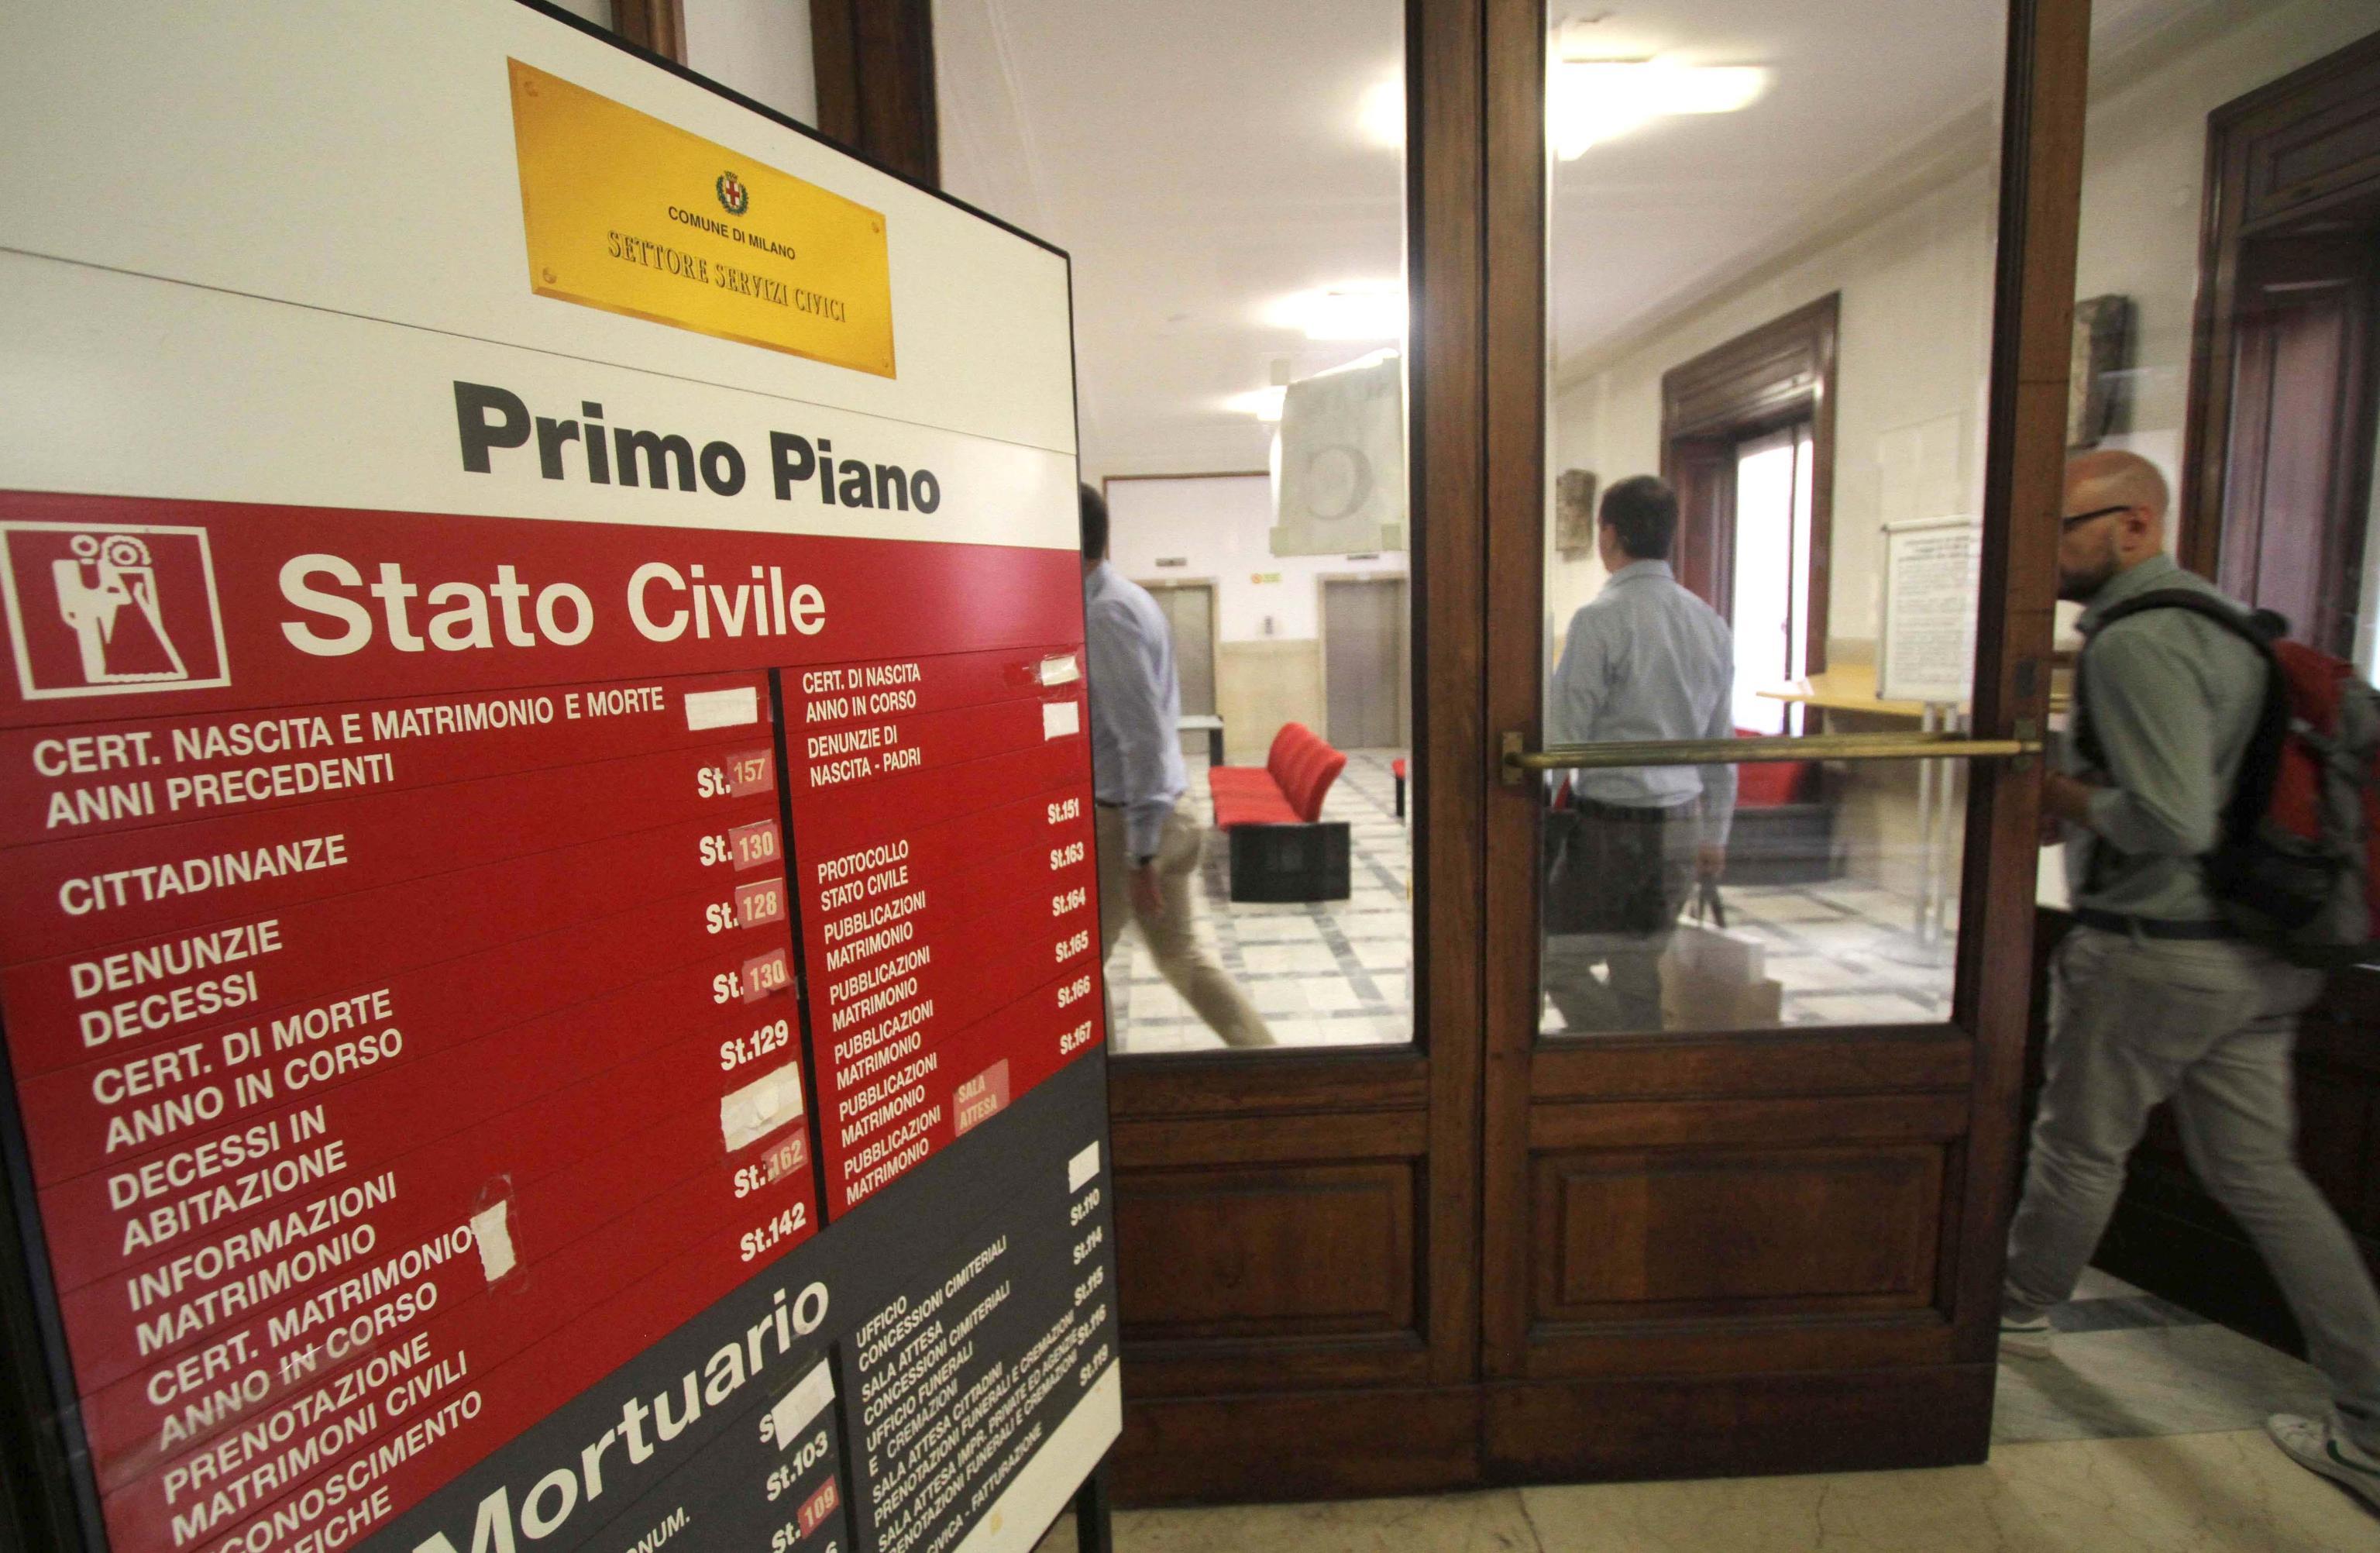 Ufficio Anagrafe A Firenze : Firenze gli orari estivi degli uffici e delle biblioteche